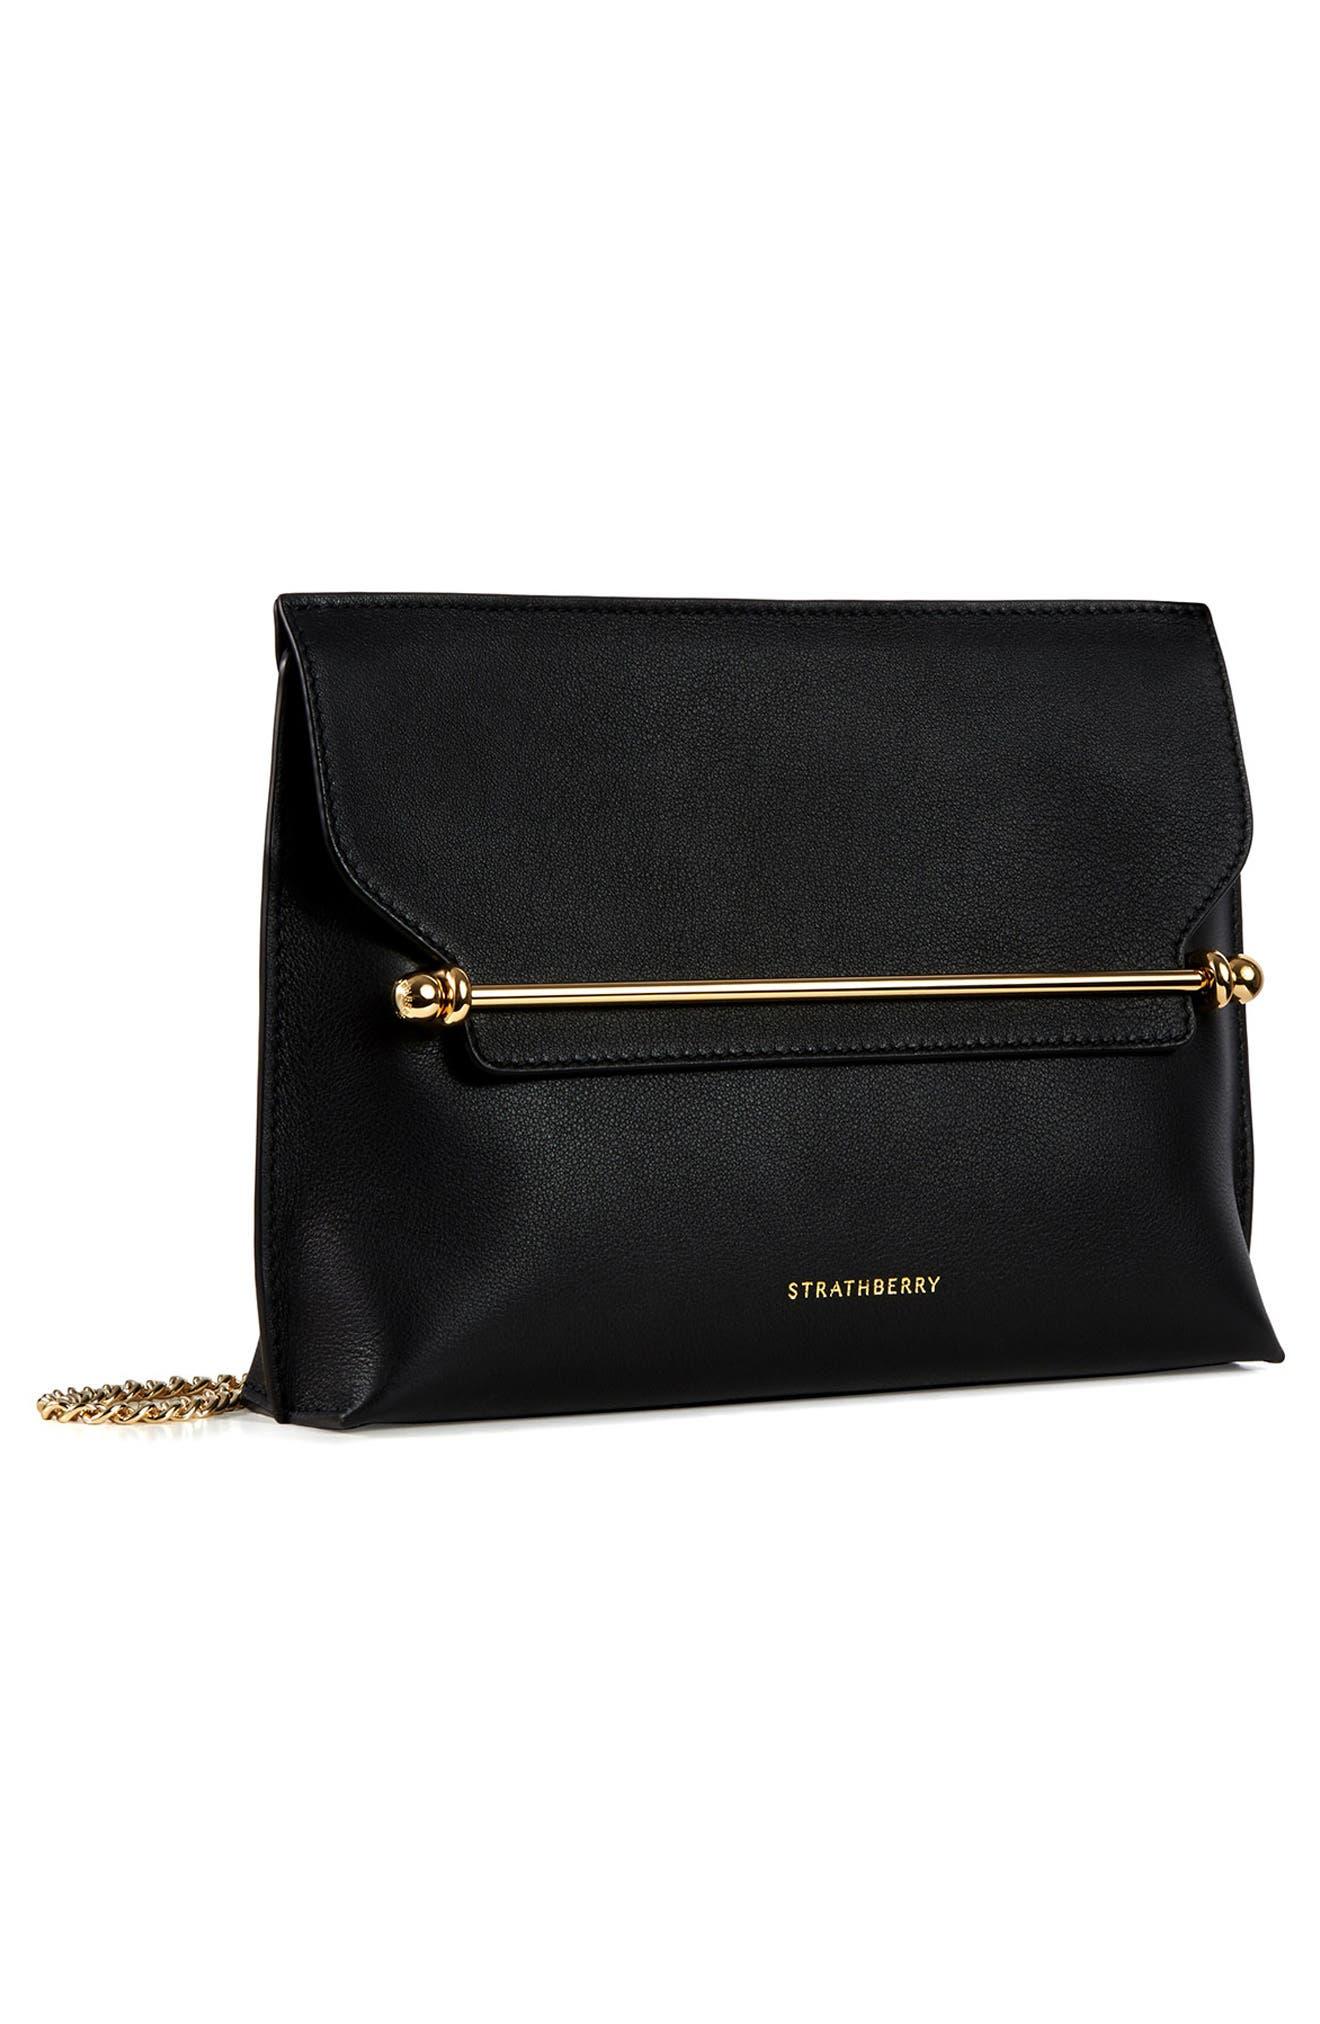 Strathberry Stylist Leather Shoulder Bag | Nordstrom